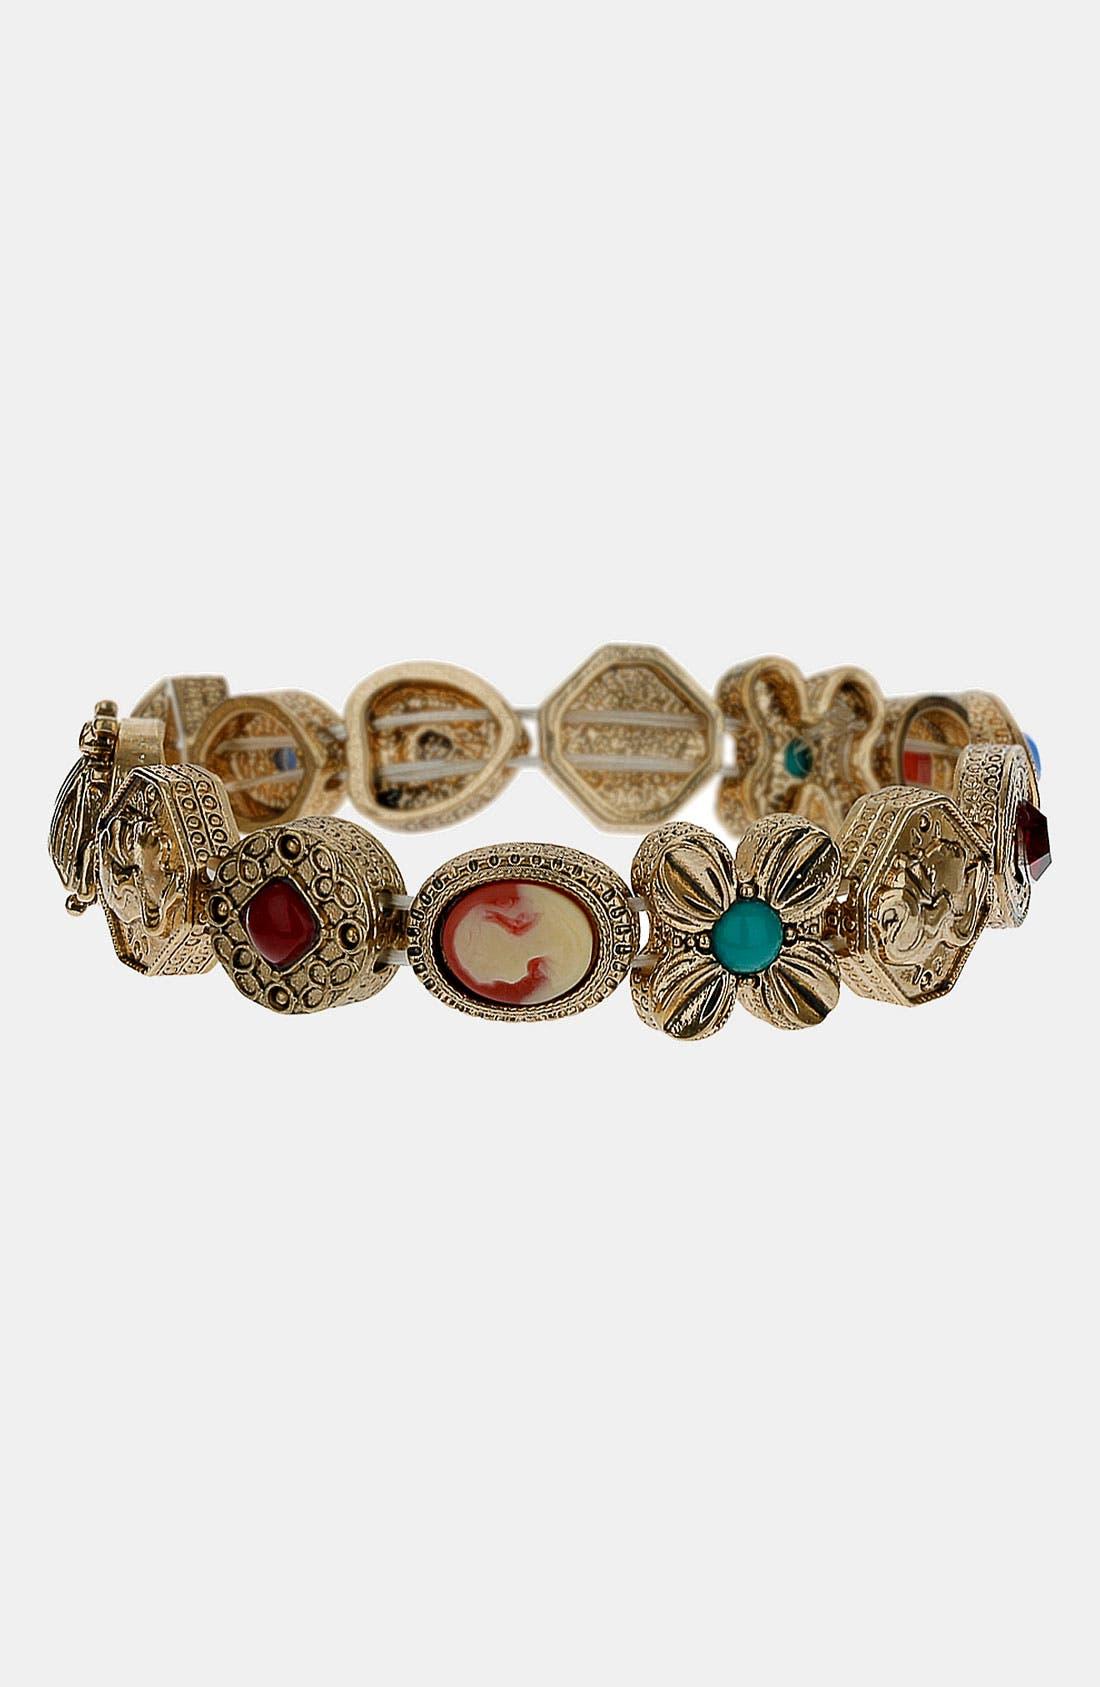 Alternate Image 1 Selected - Topshop 'Baroque' Stretch Bracelet